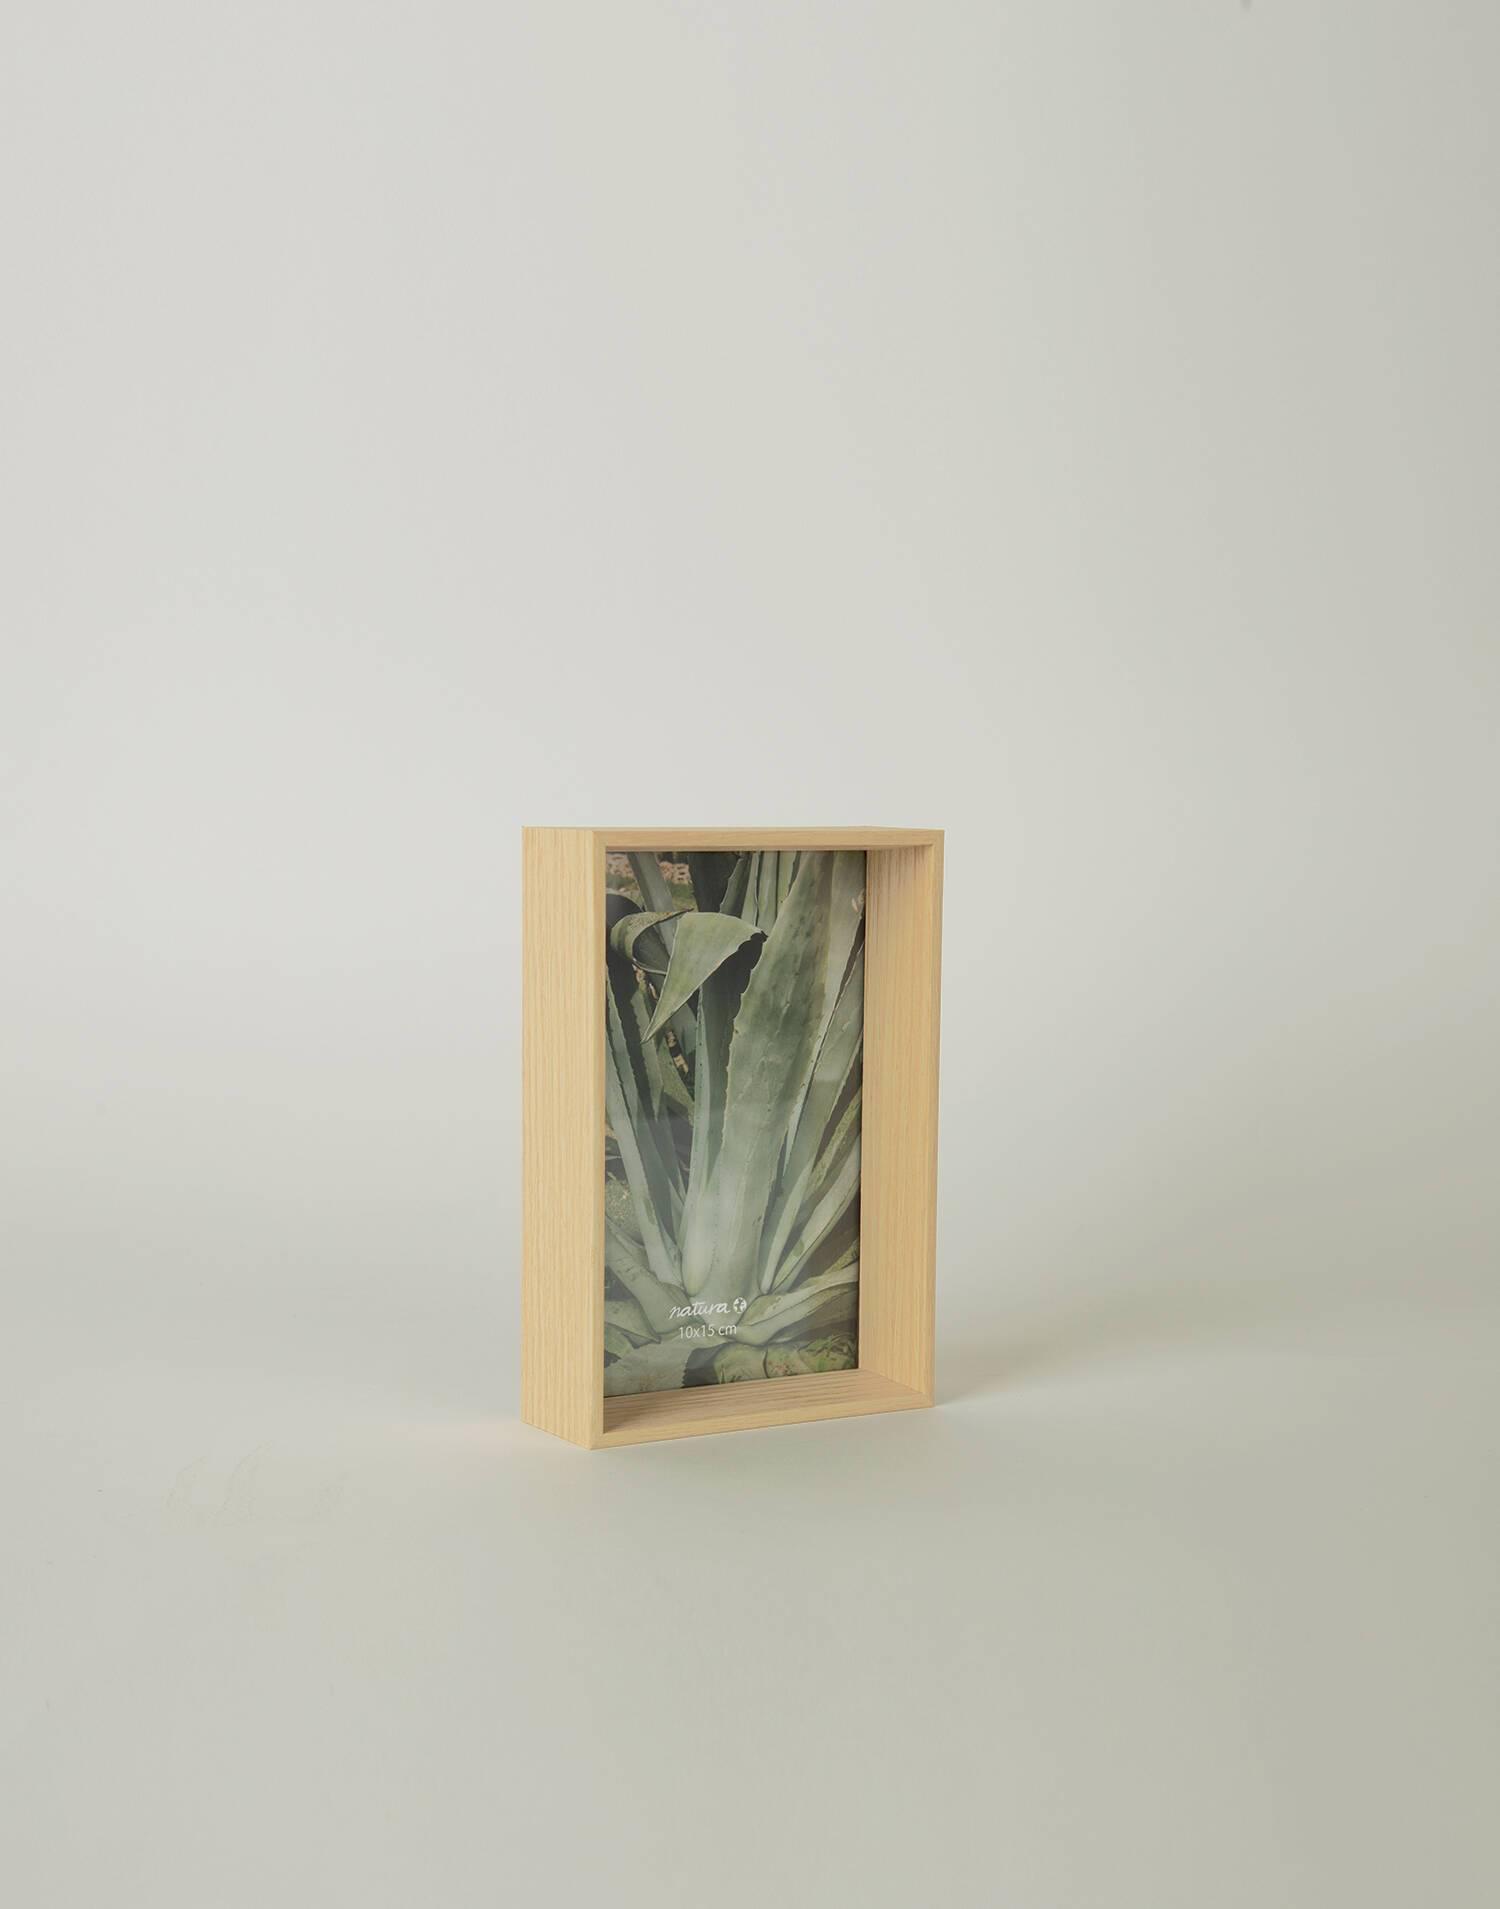 Marco streisand 10 x 15 cm